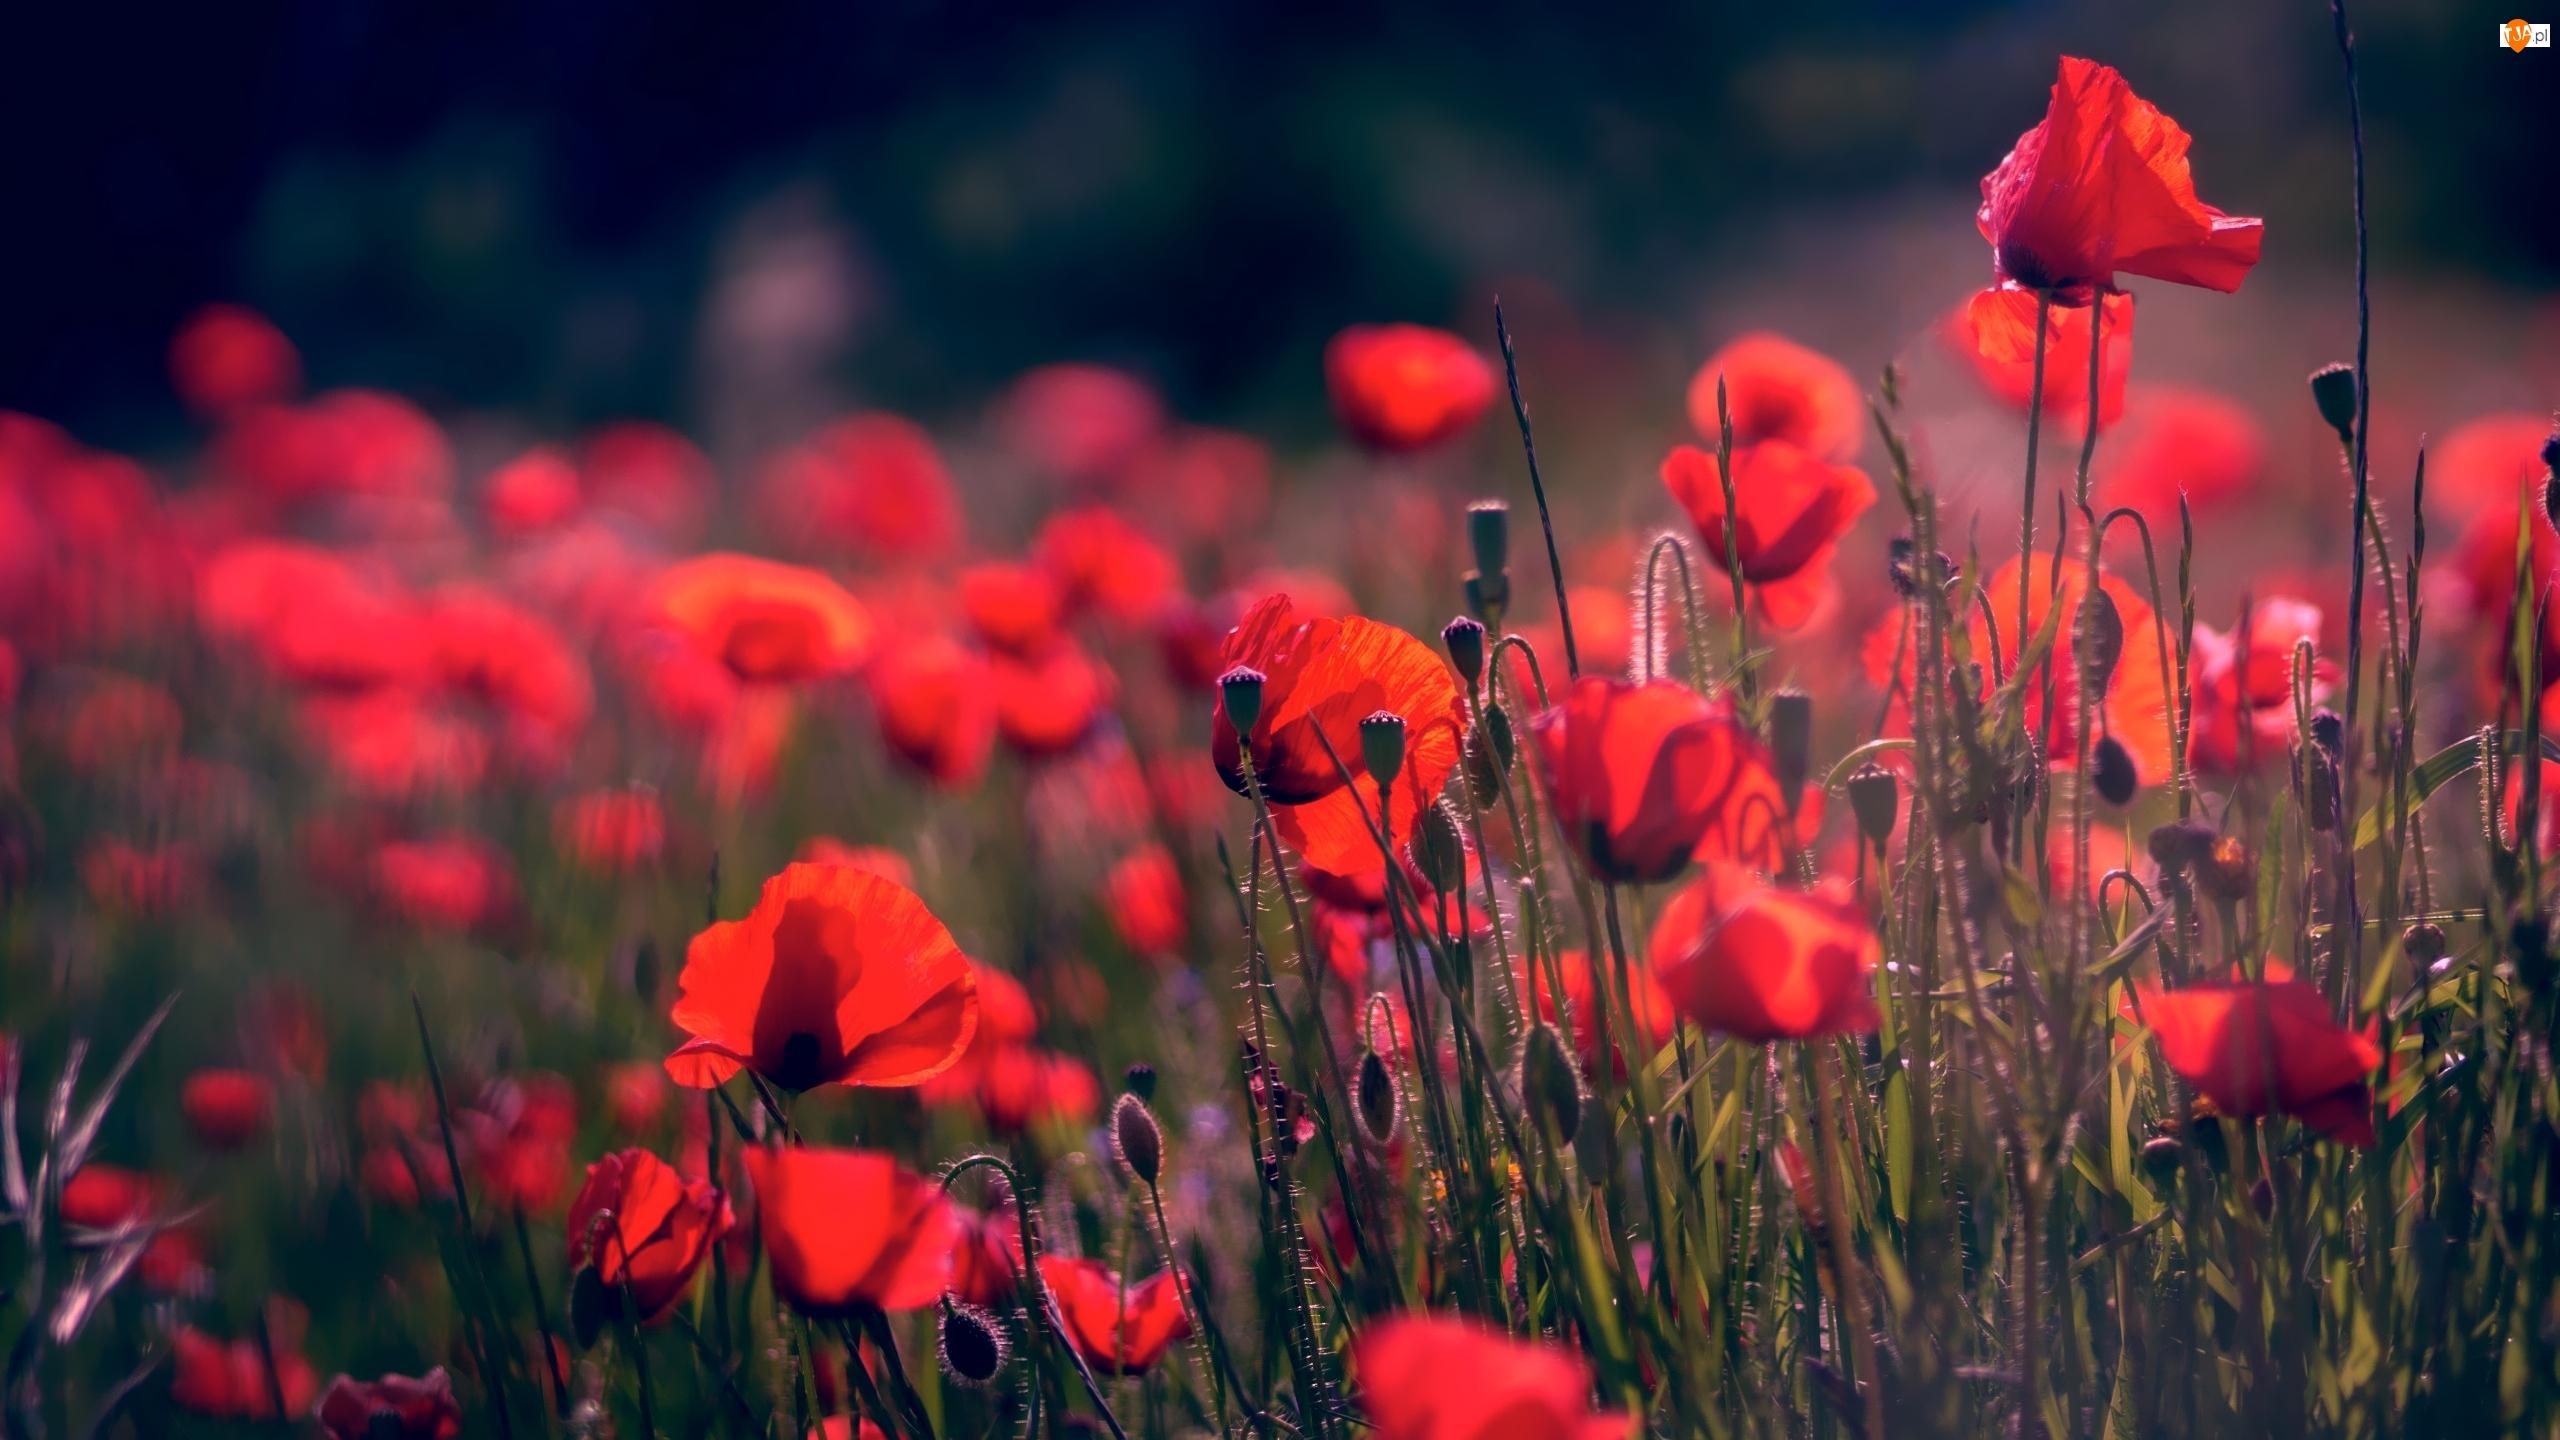 Pąki, Kwiaty, Maki, Tło, Czerwone, Rozmyte